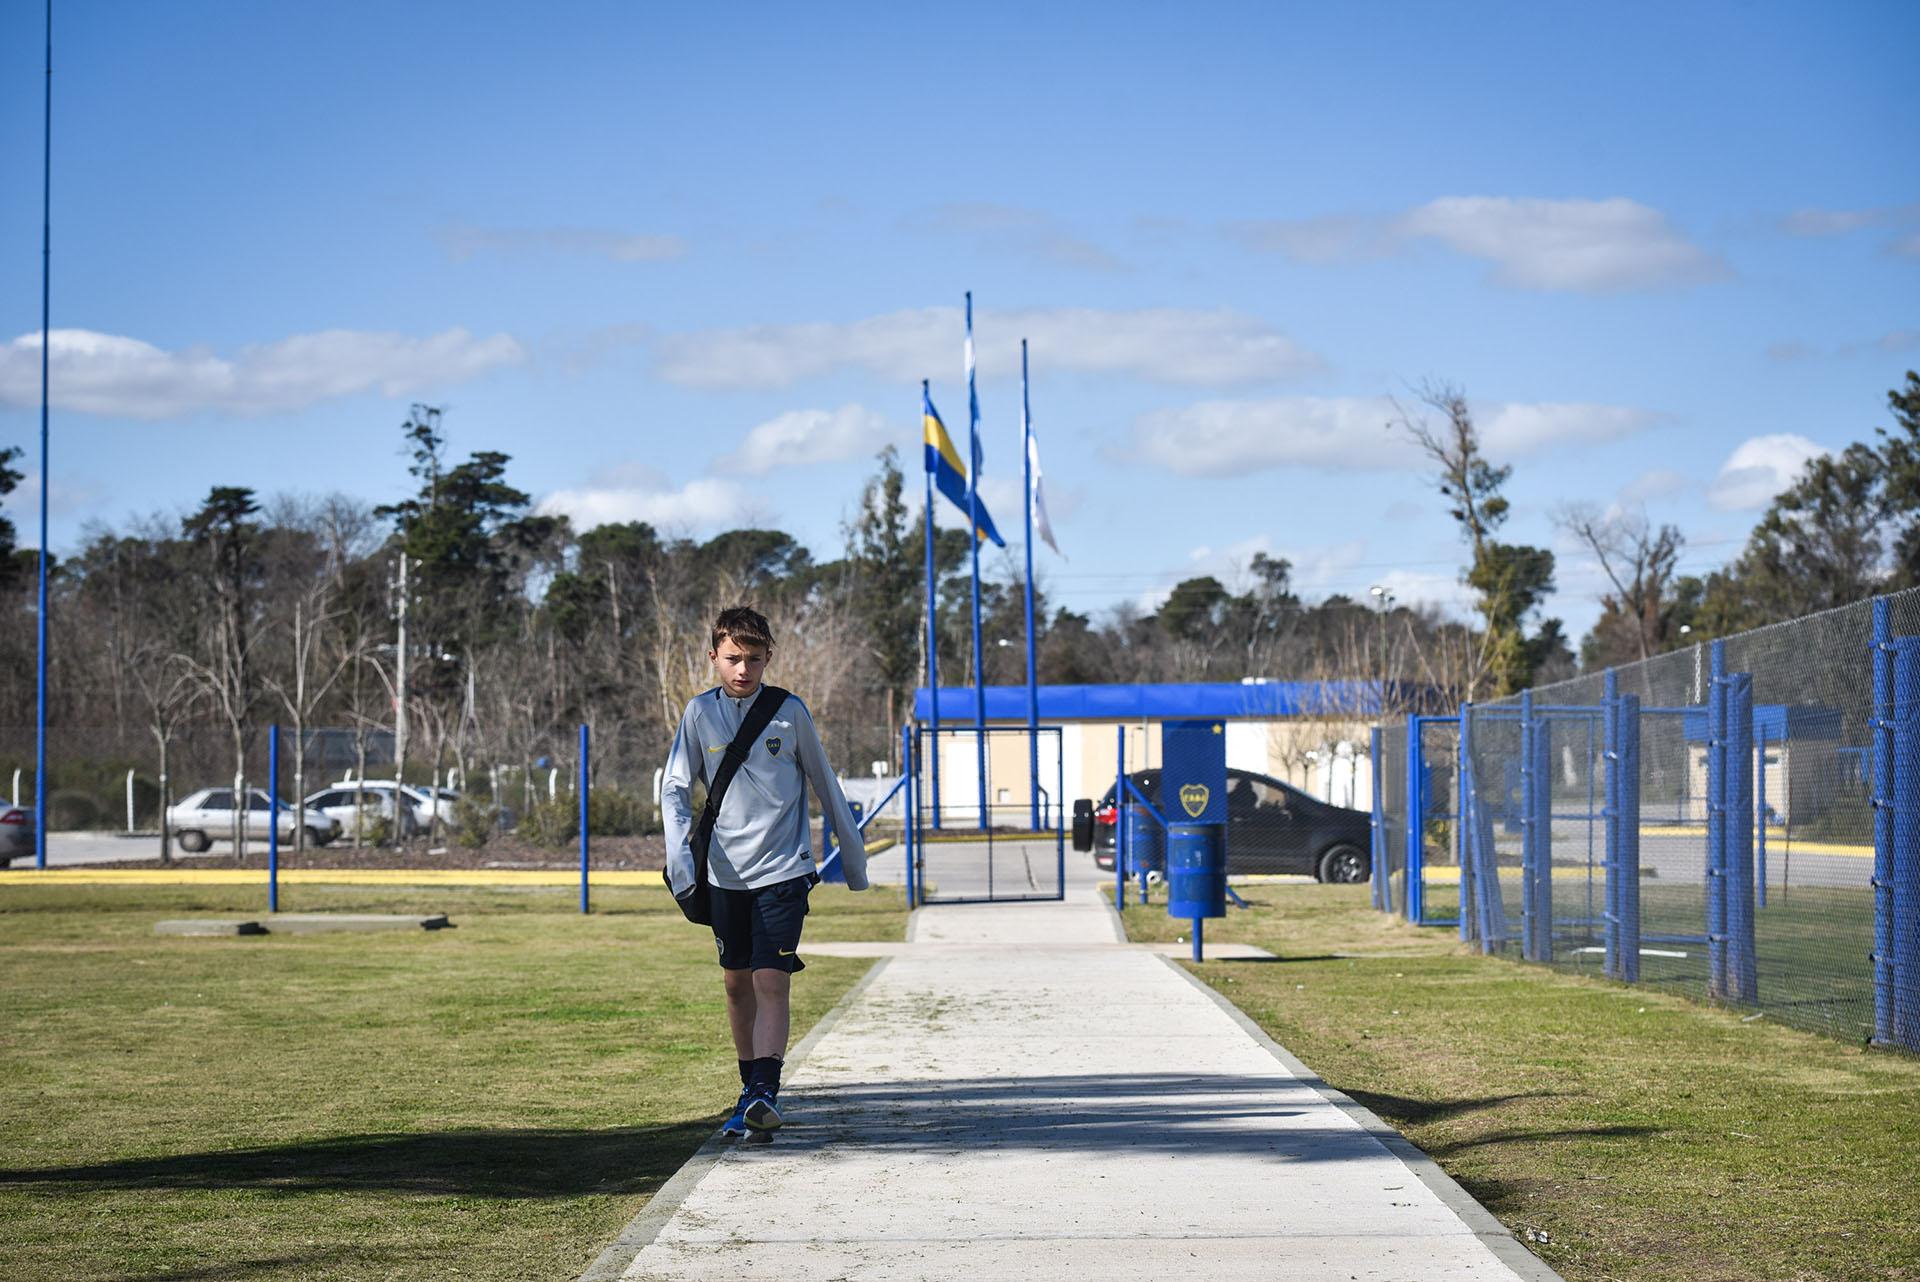 El pasillo de entrada que recorre cada uno de los juveniles de Boca con sus sueños a cuestas (Guille Llamos)